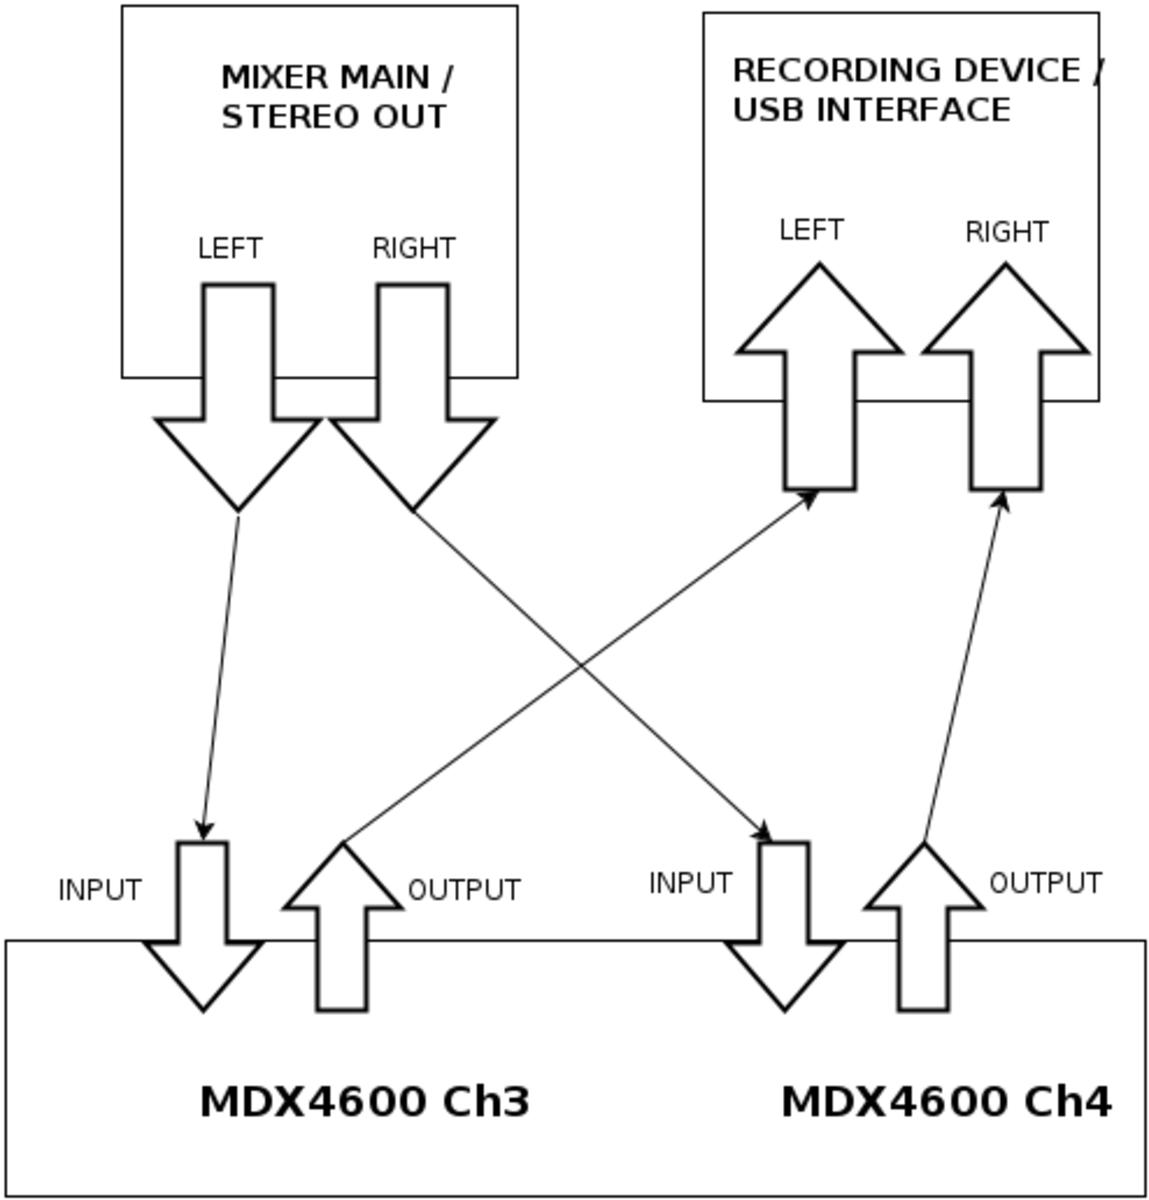 Final mix wiring schematic